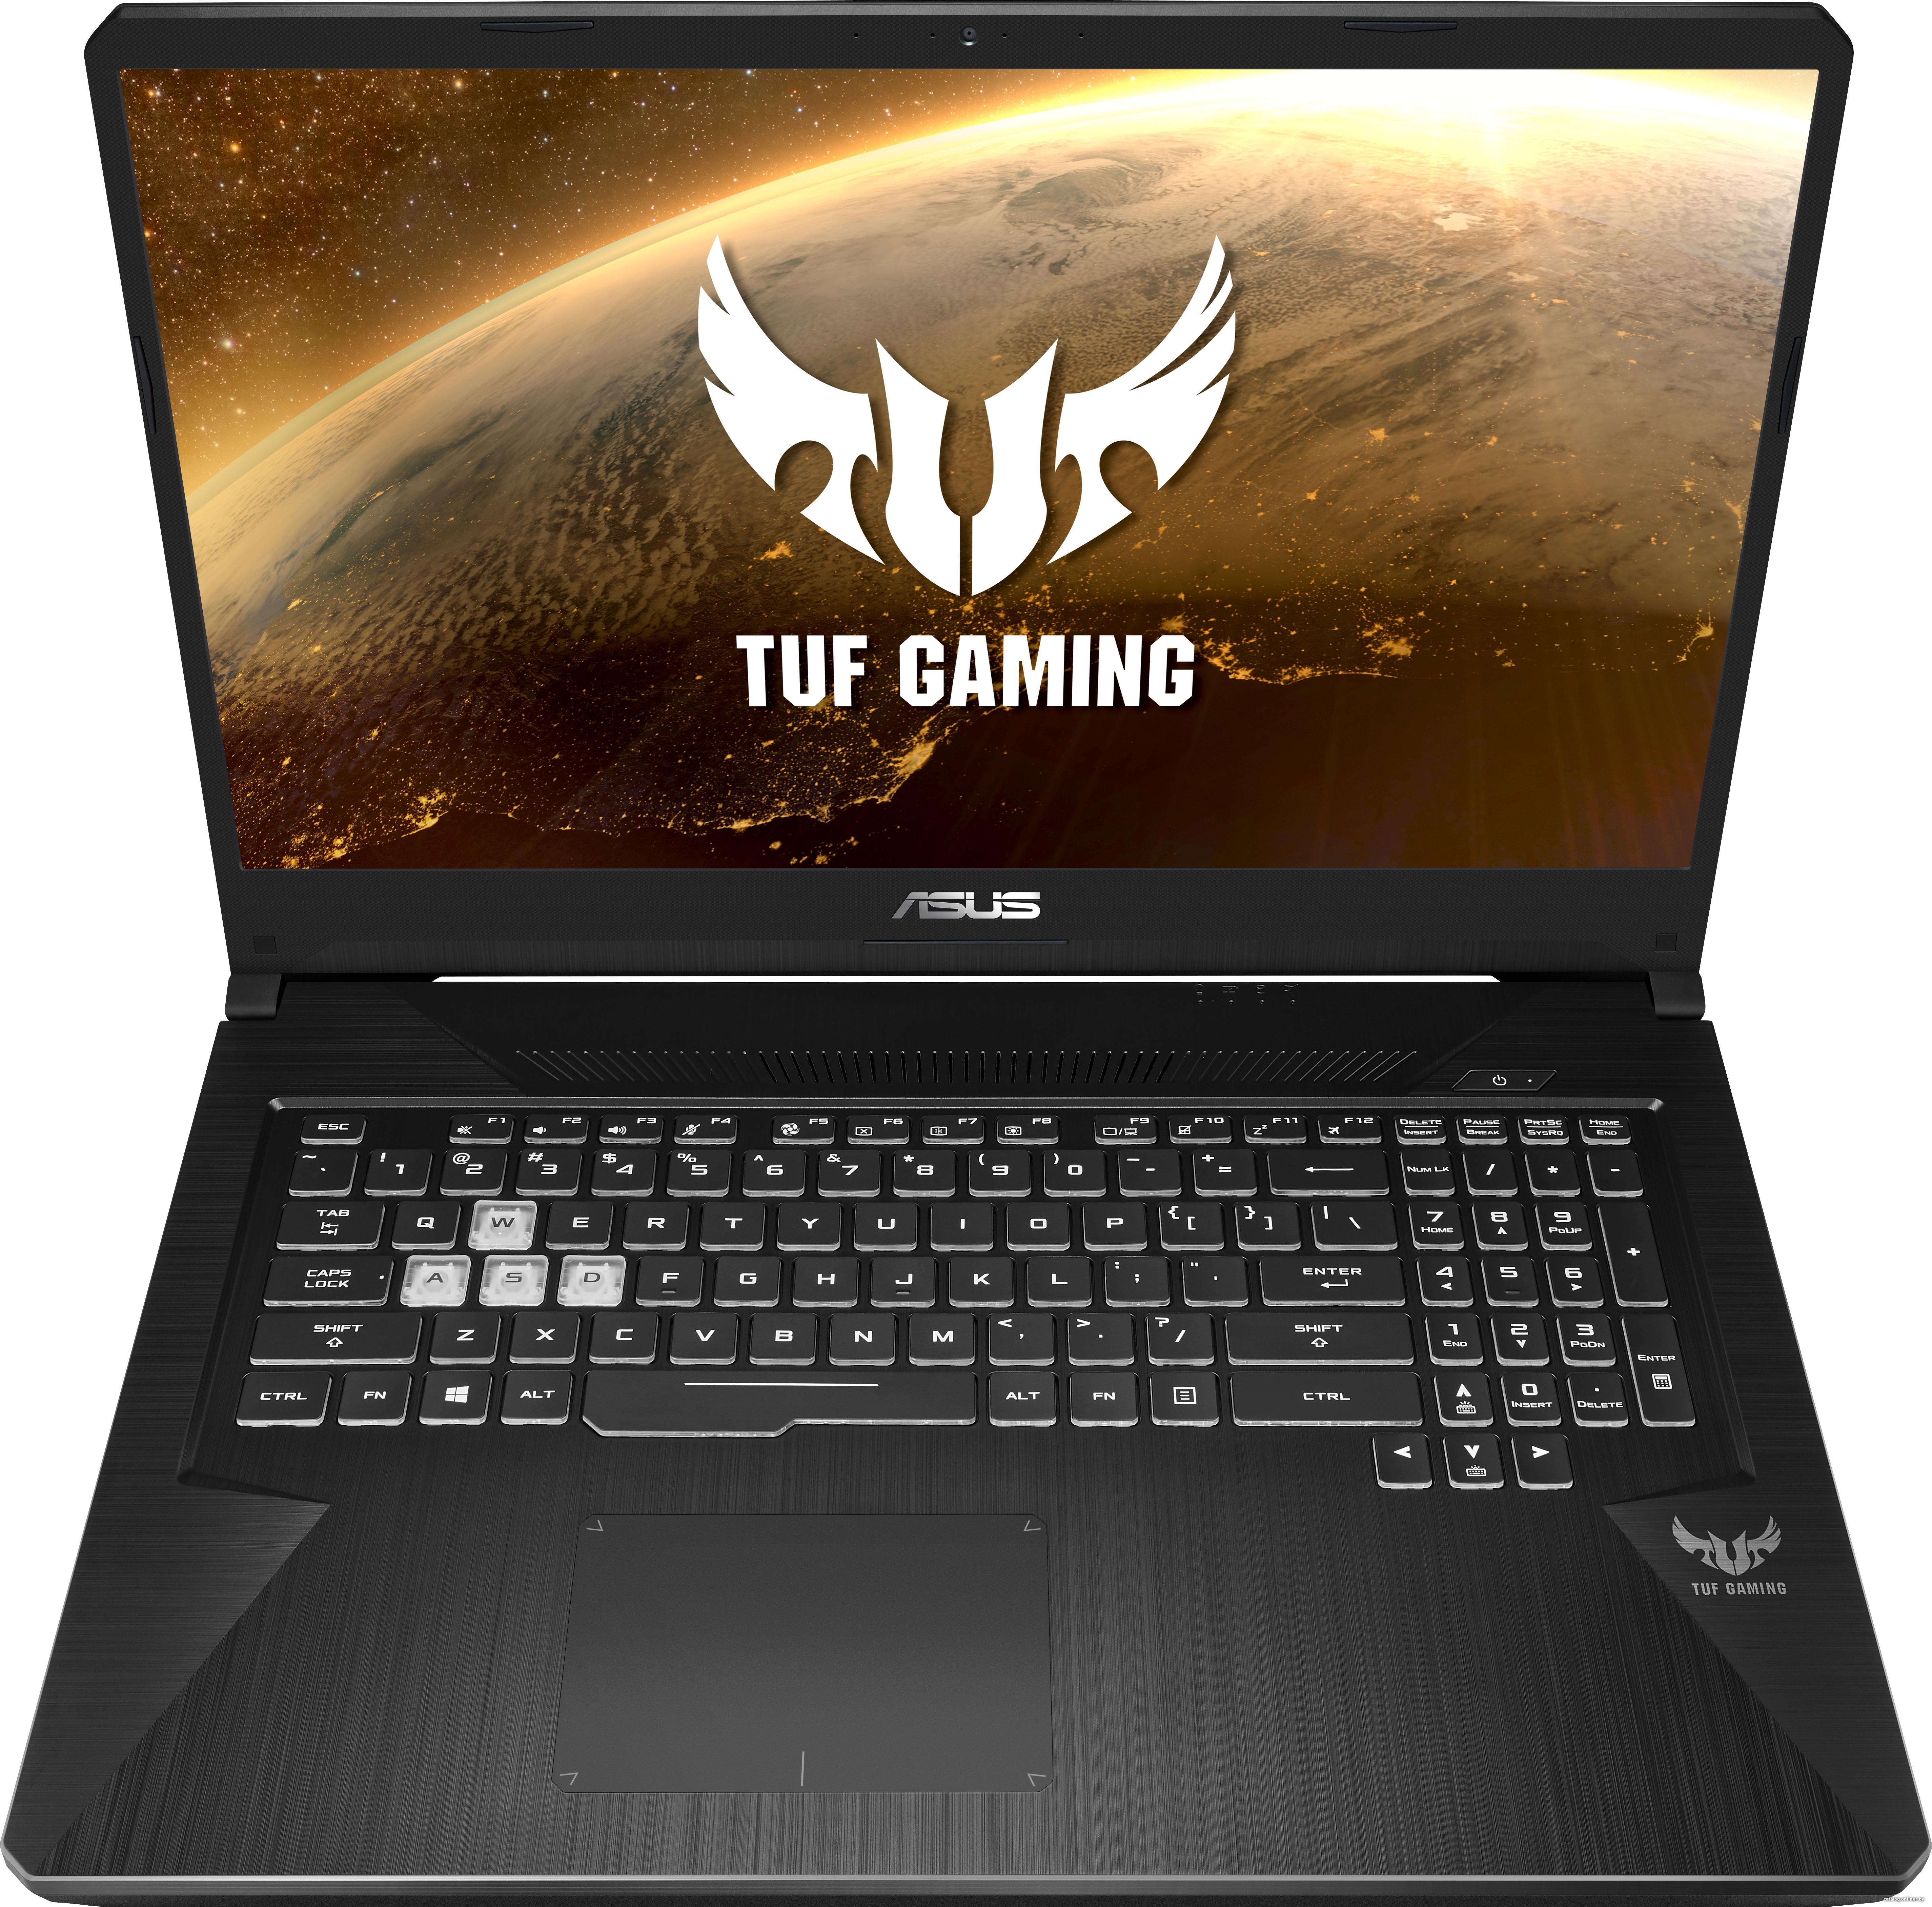 ASUS TUF Gaming FX705GD-EW223 Image #5